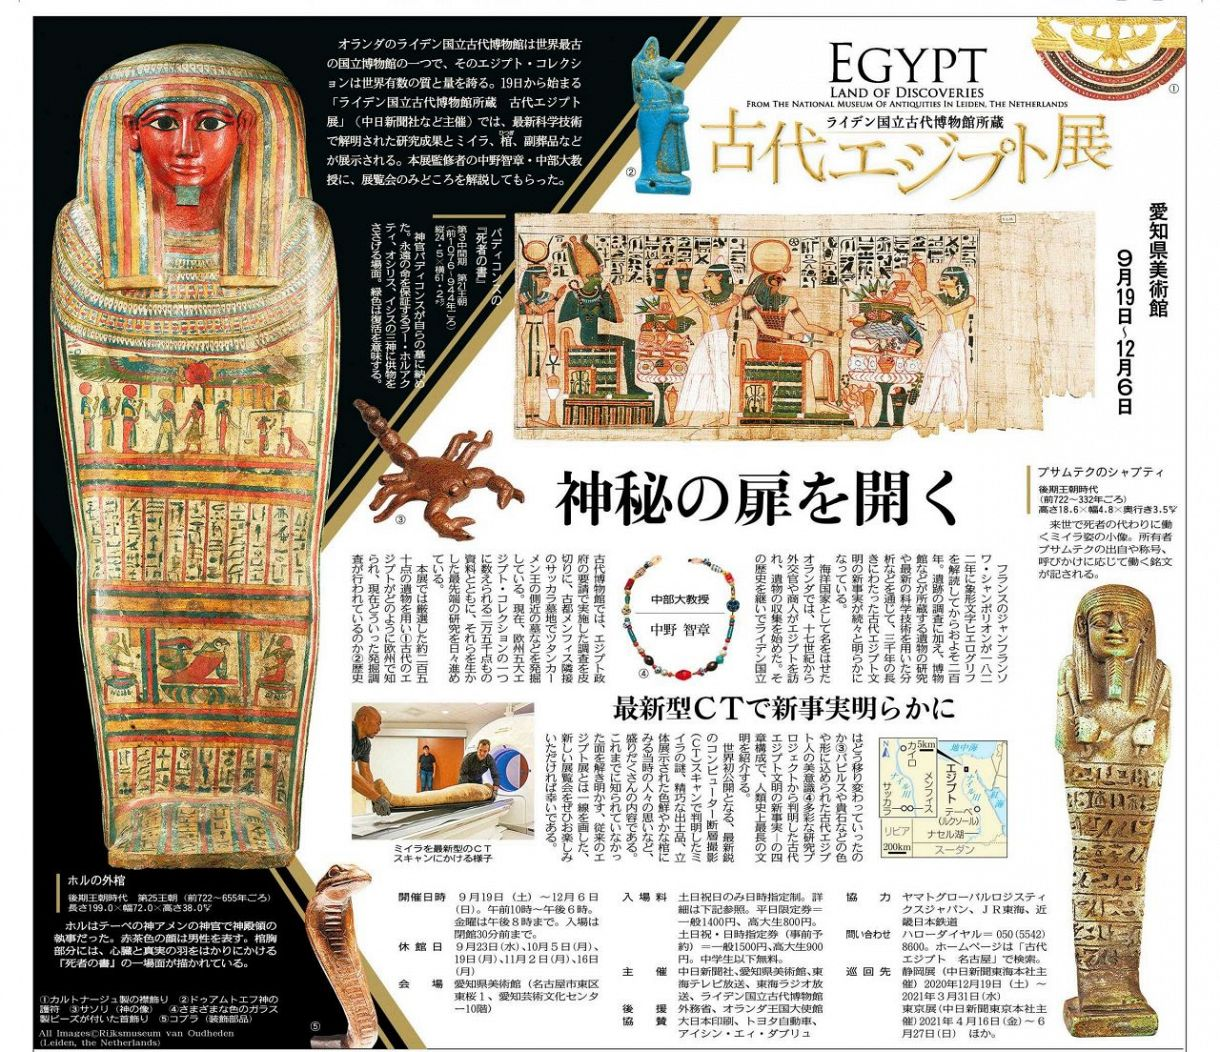 博物館 古代 エジプト 国立 ライデン 展 古代 所蔵